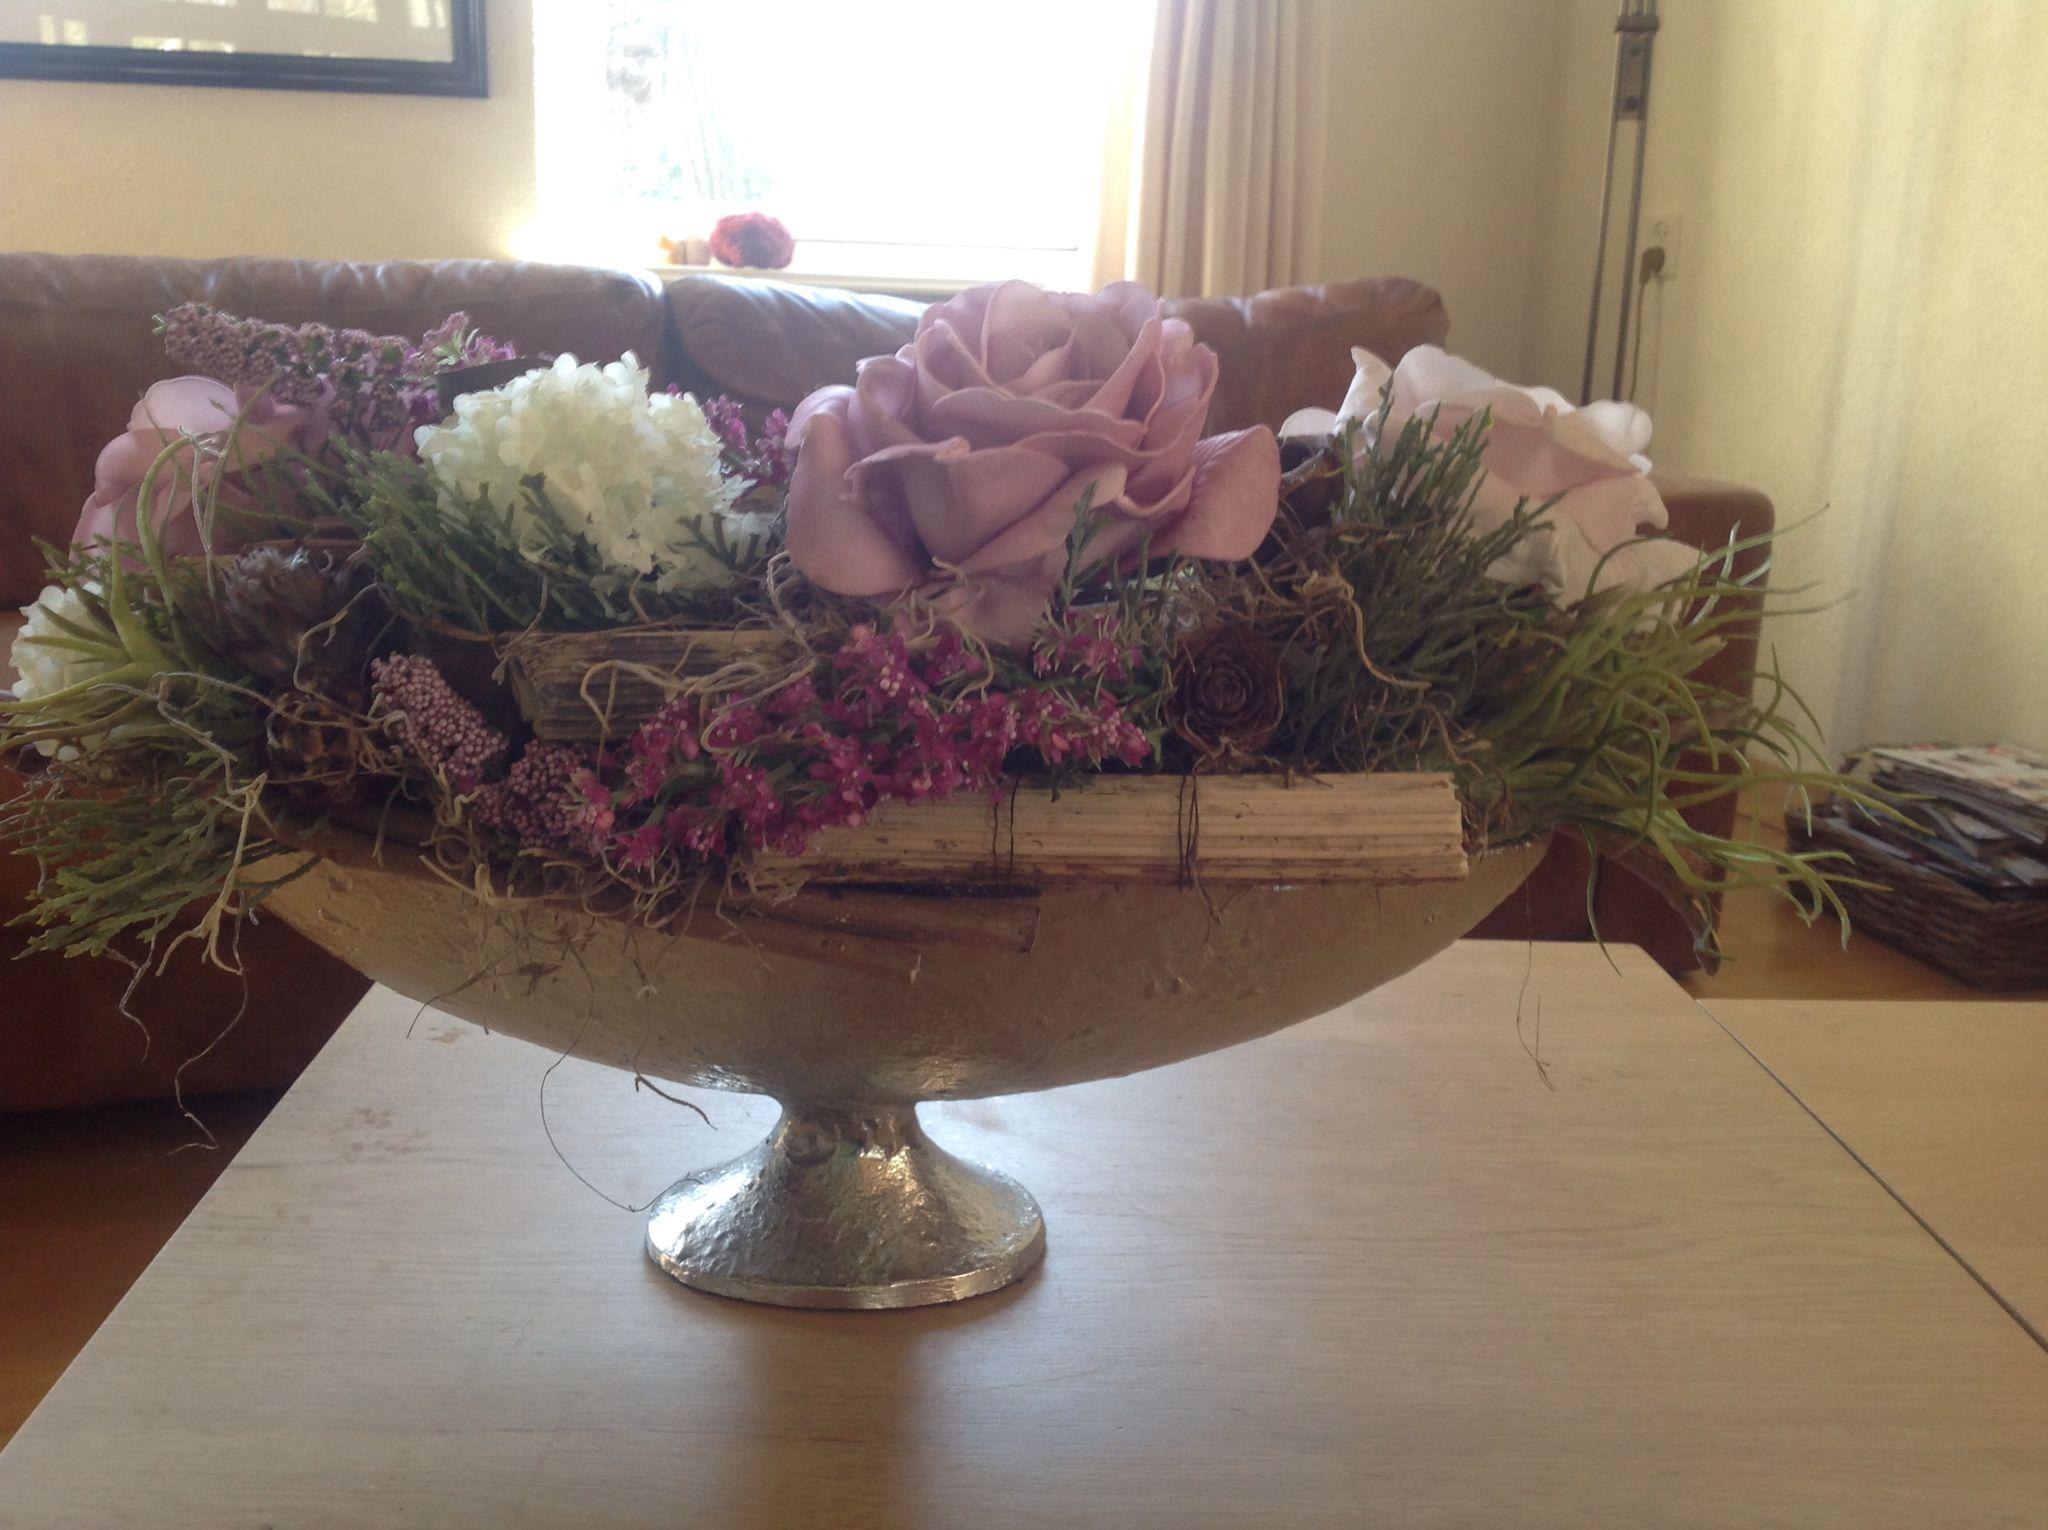 Verbazingwekkend Ook met kunstbloemen kan je mooie stukken maken. | Bloemschikken MZ-93